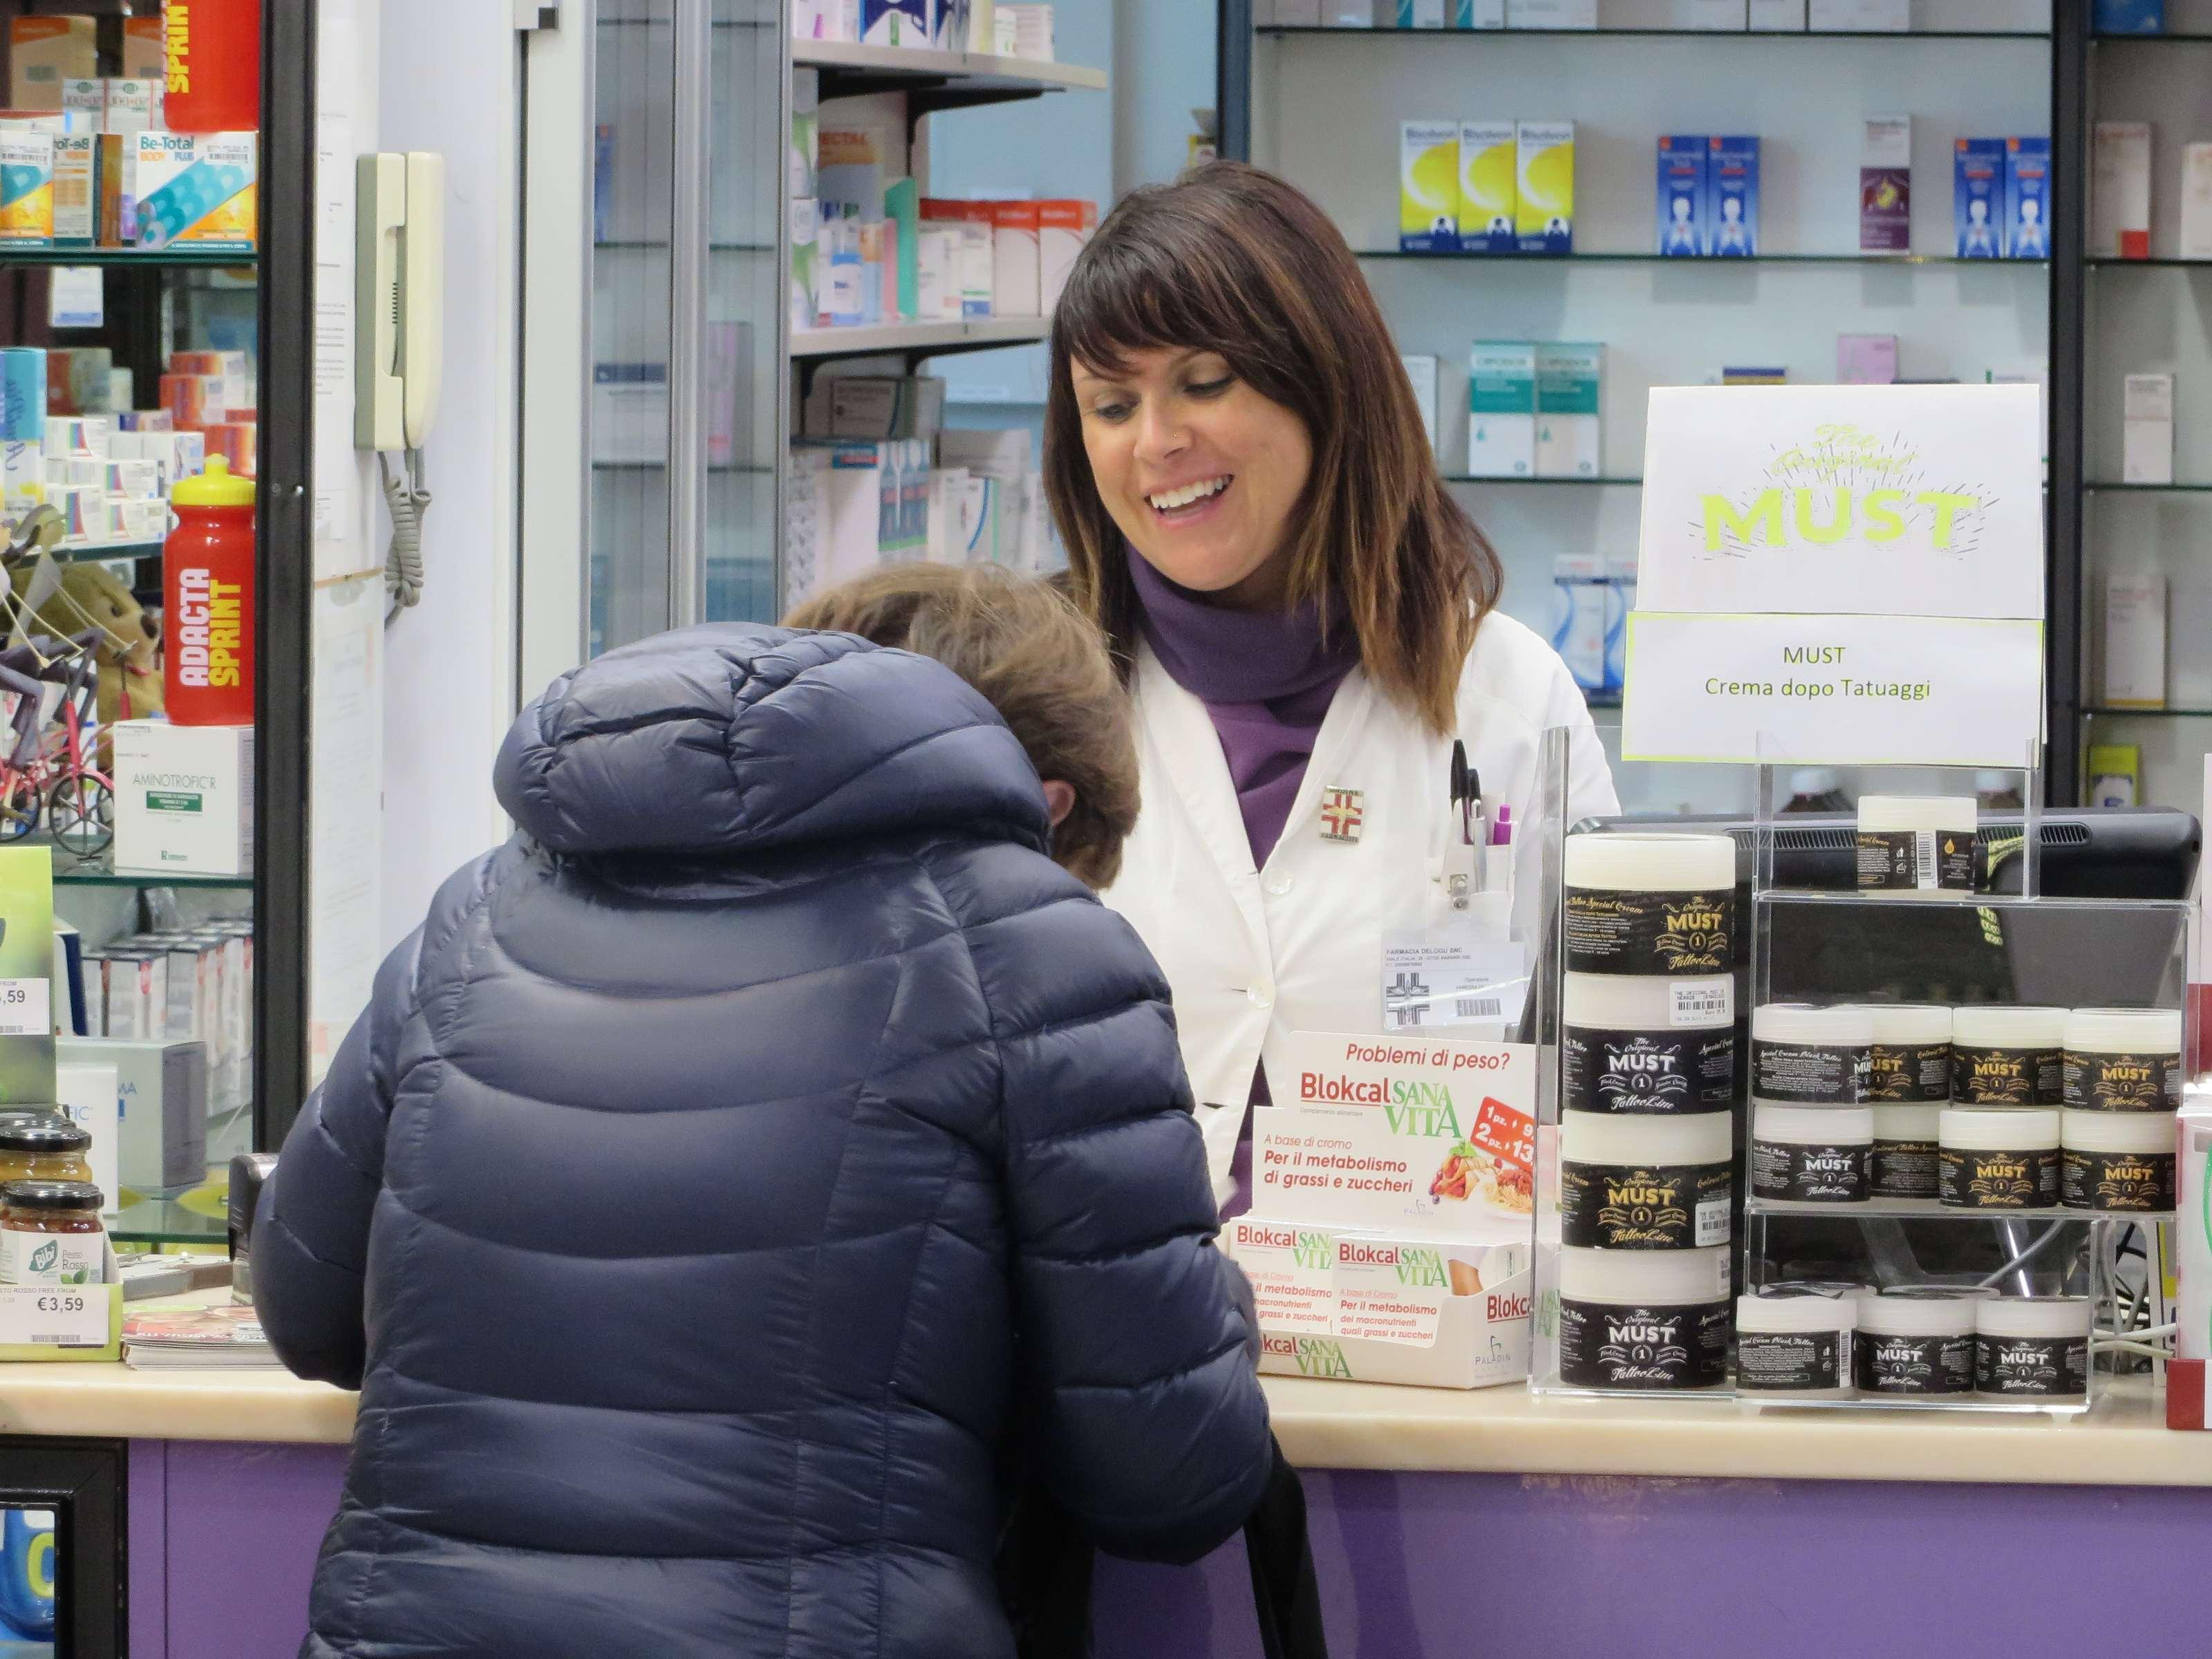 farmacia-delogu-sassari-viale-italia-chi-siamo15